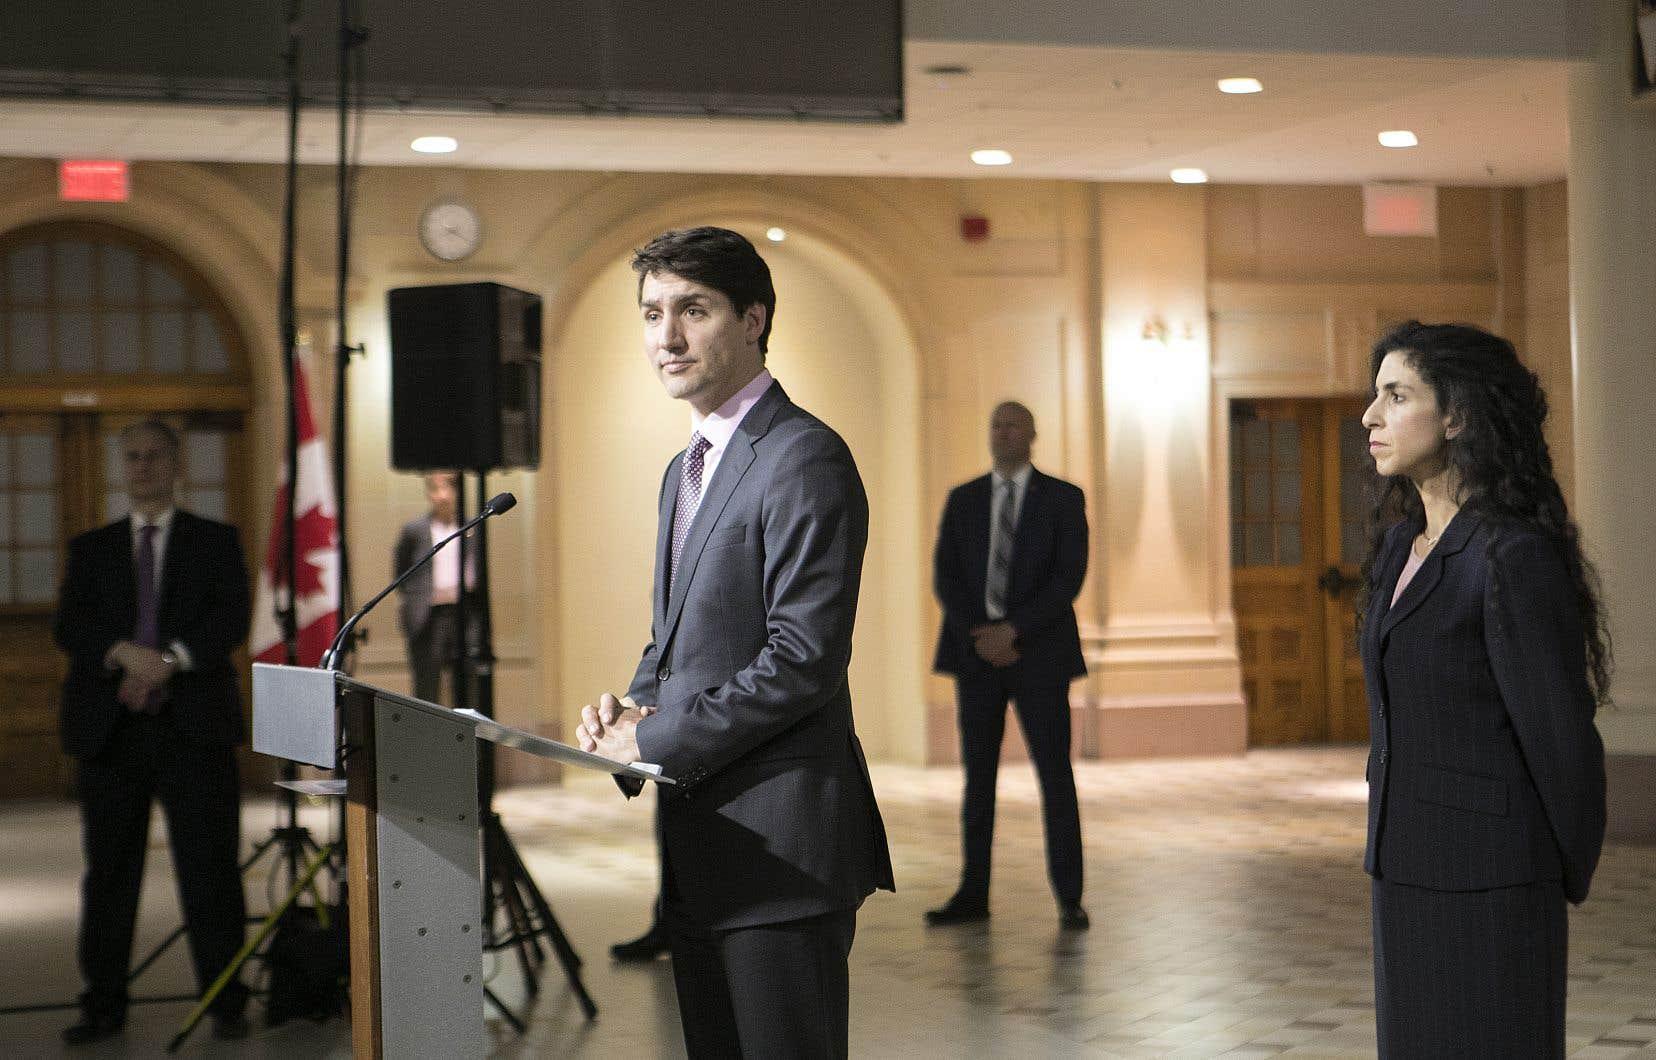 Le premier ministre Justin Trudeau n'a pas voulu dire si Jody Wilson-Raybould pourrait demeurer membre du caucus des députés libéral après le témoignage accablant qu'elle a livré mercredi.